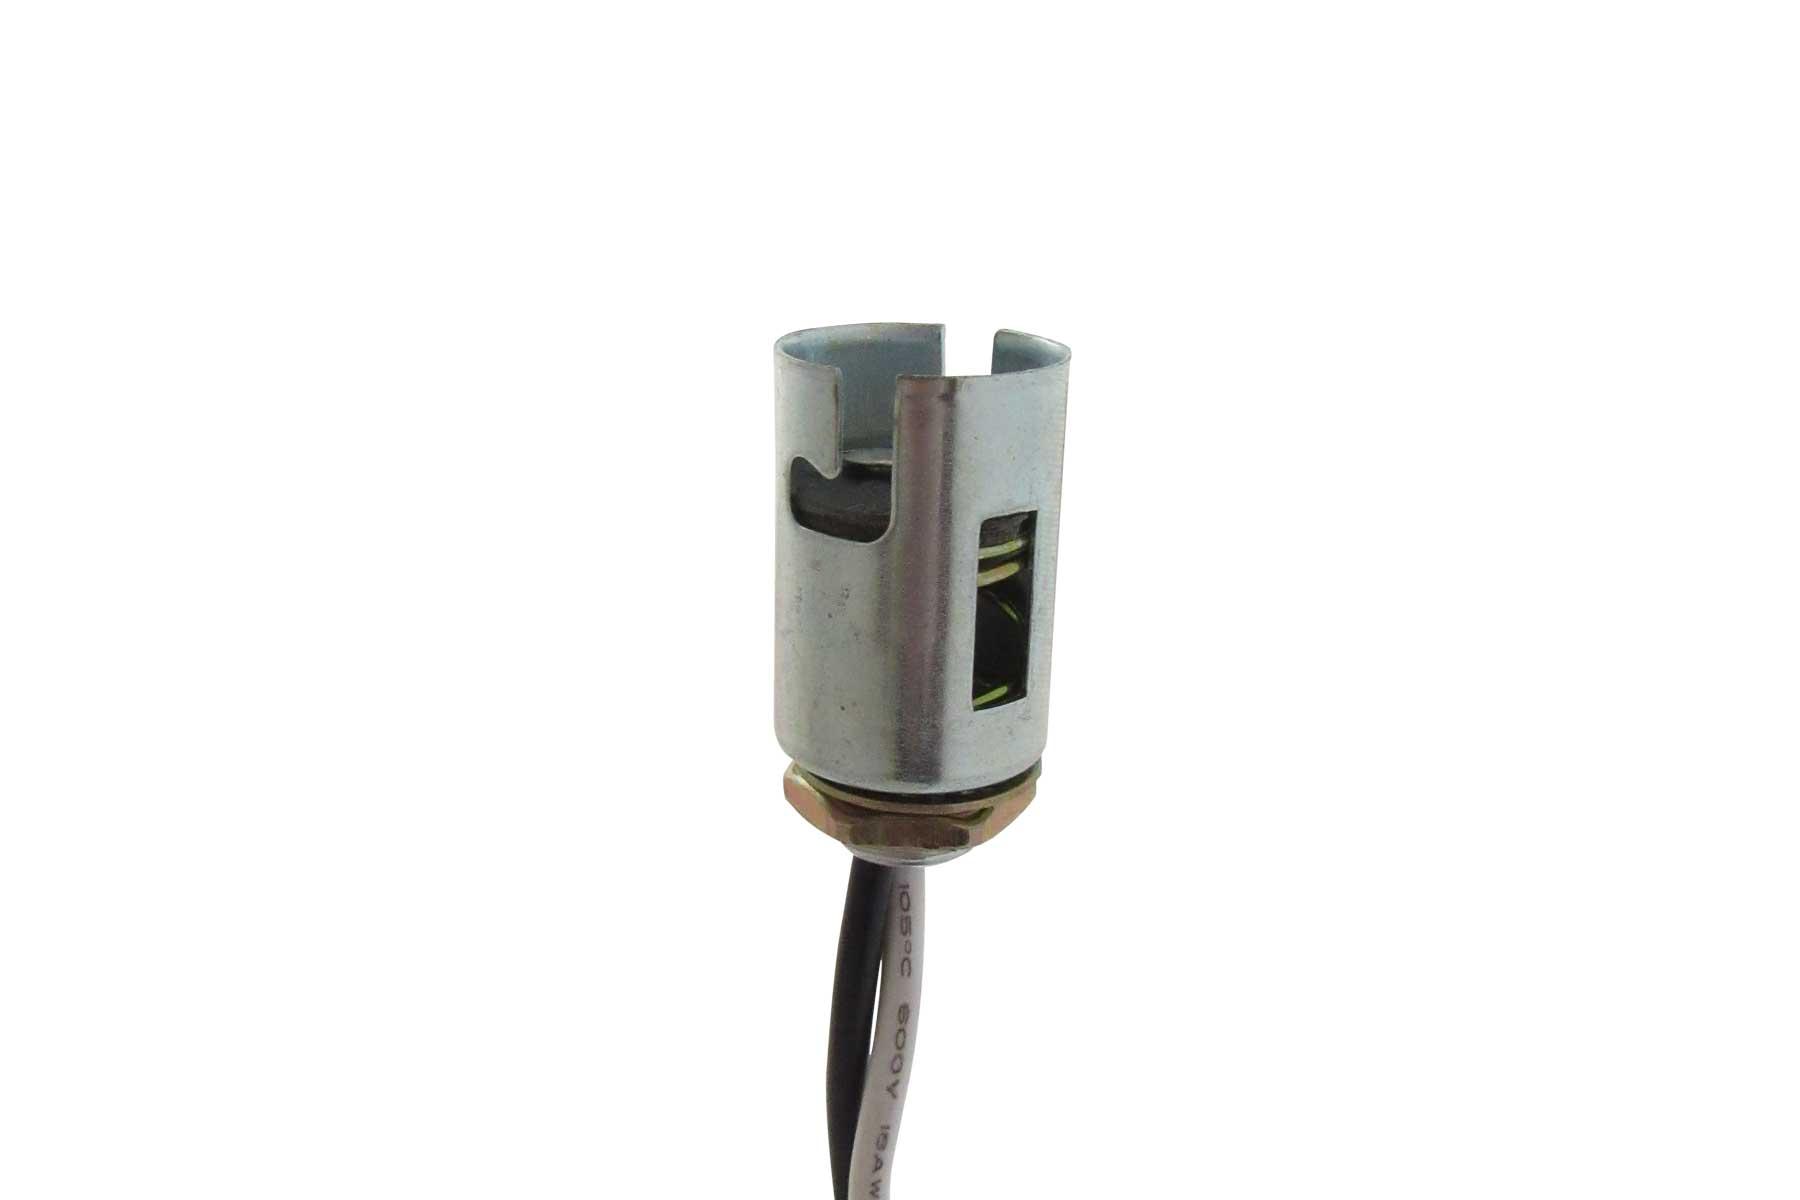 Miniature Candelabra Bayonet Base Socket